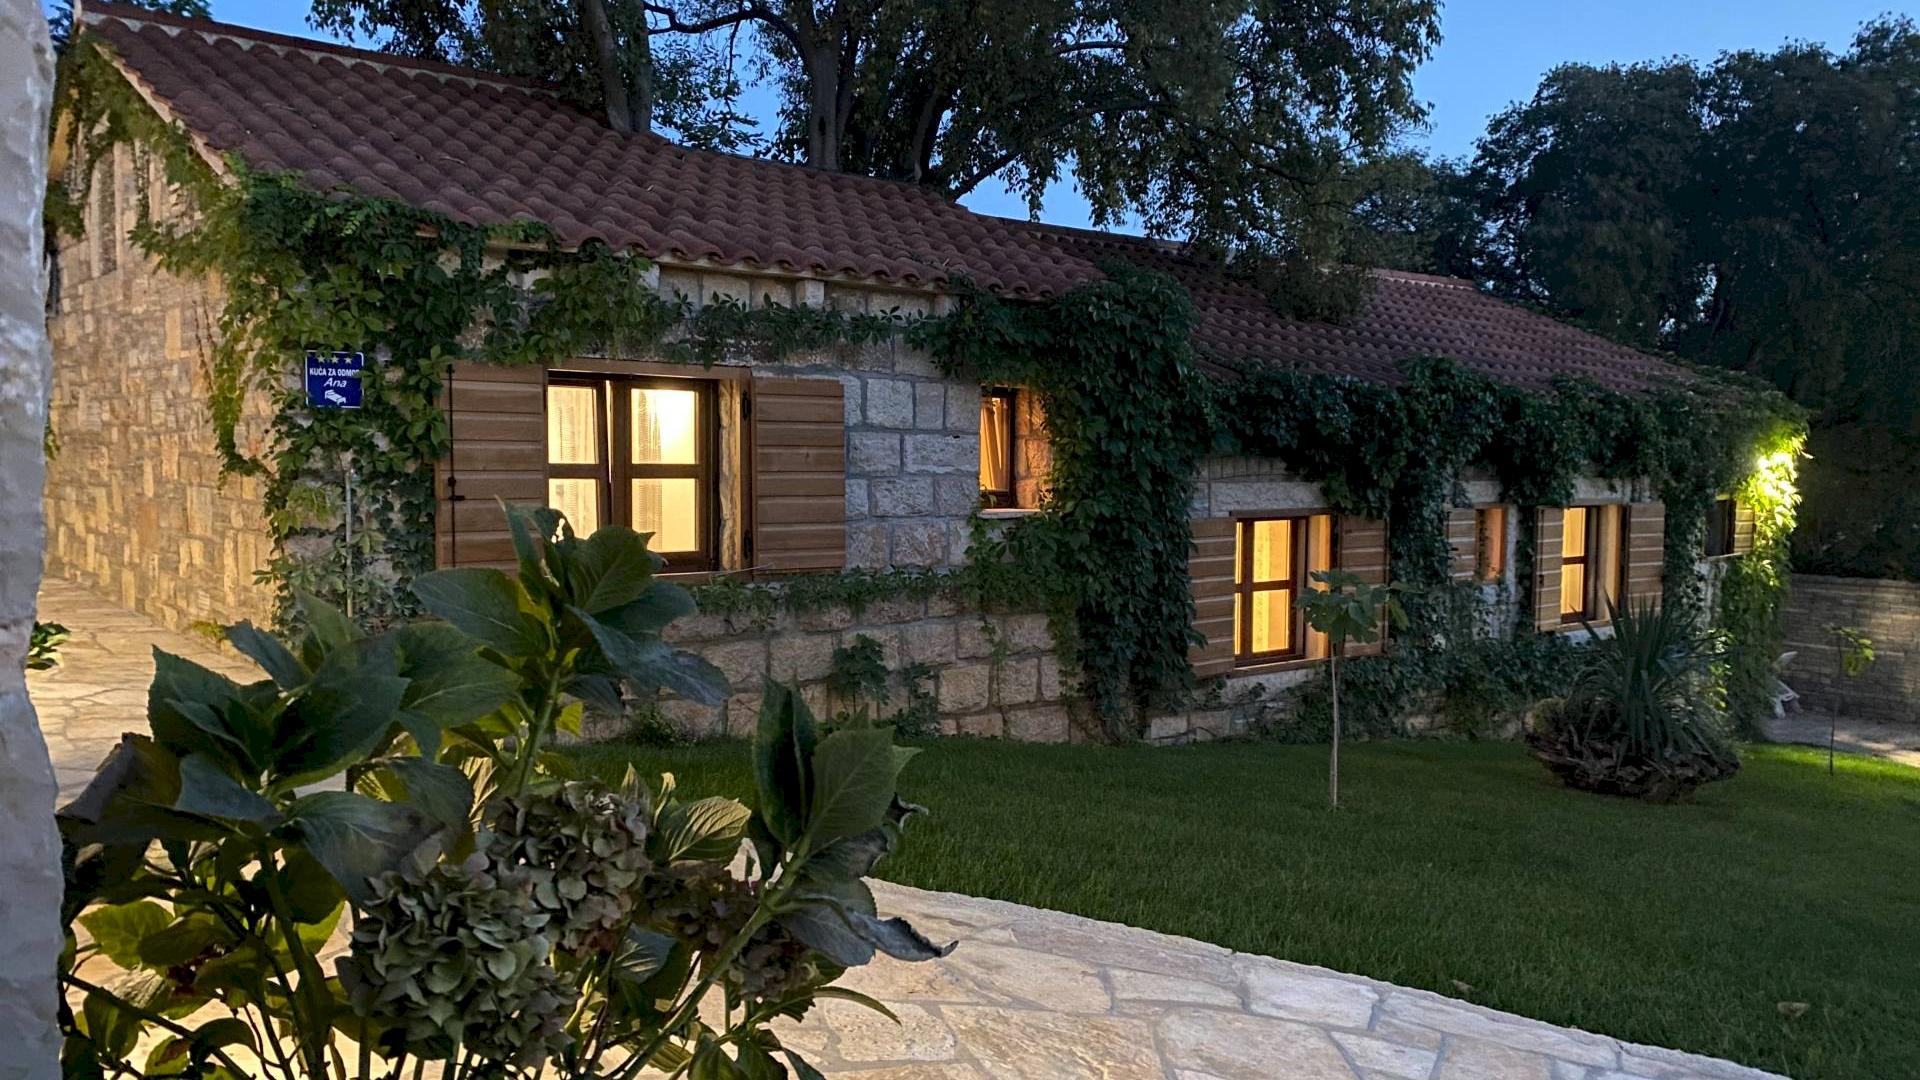 Ako želite pobjeći od užurbanog gradskog života, ovo imanje u selu Stankovci u dalmatinskom zaleđu, savršeno je mjesto za vas.